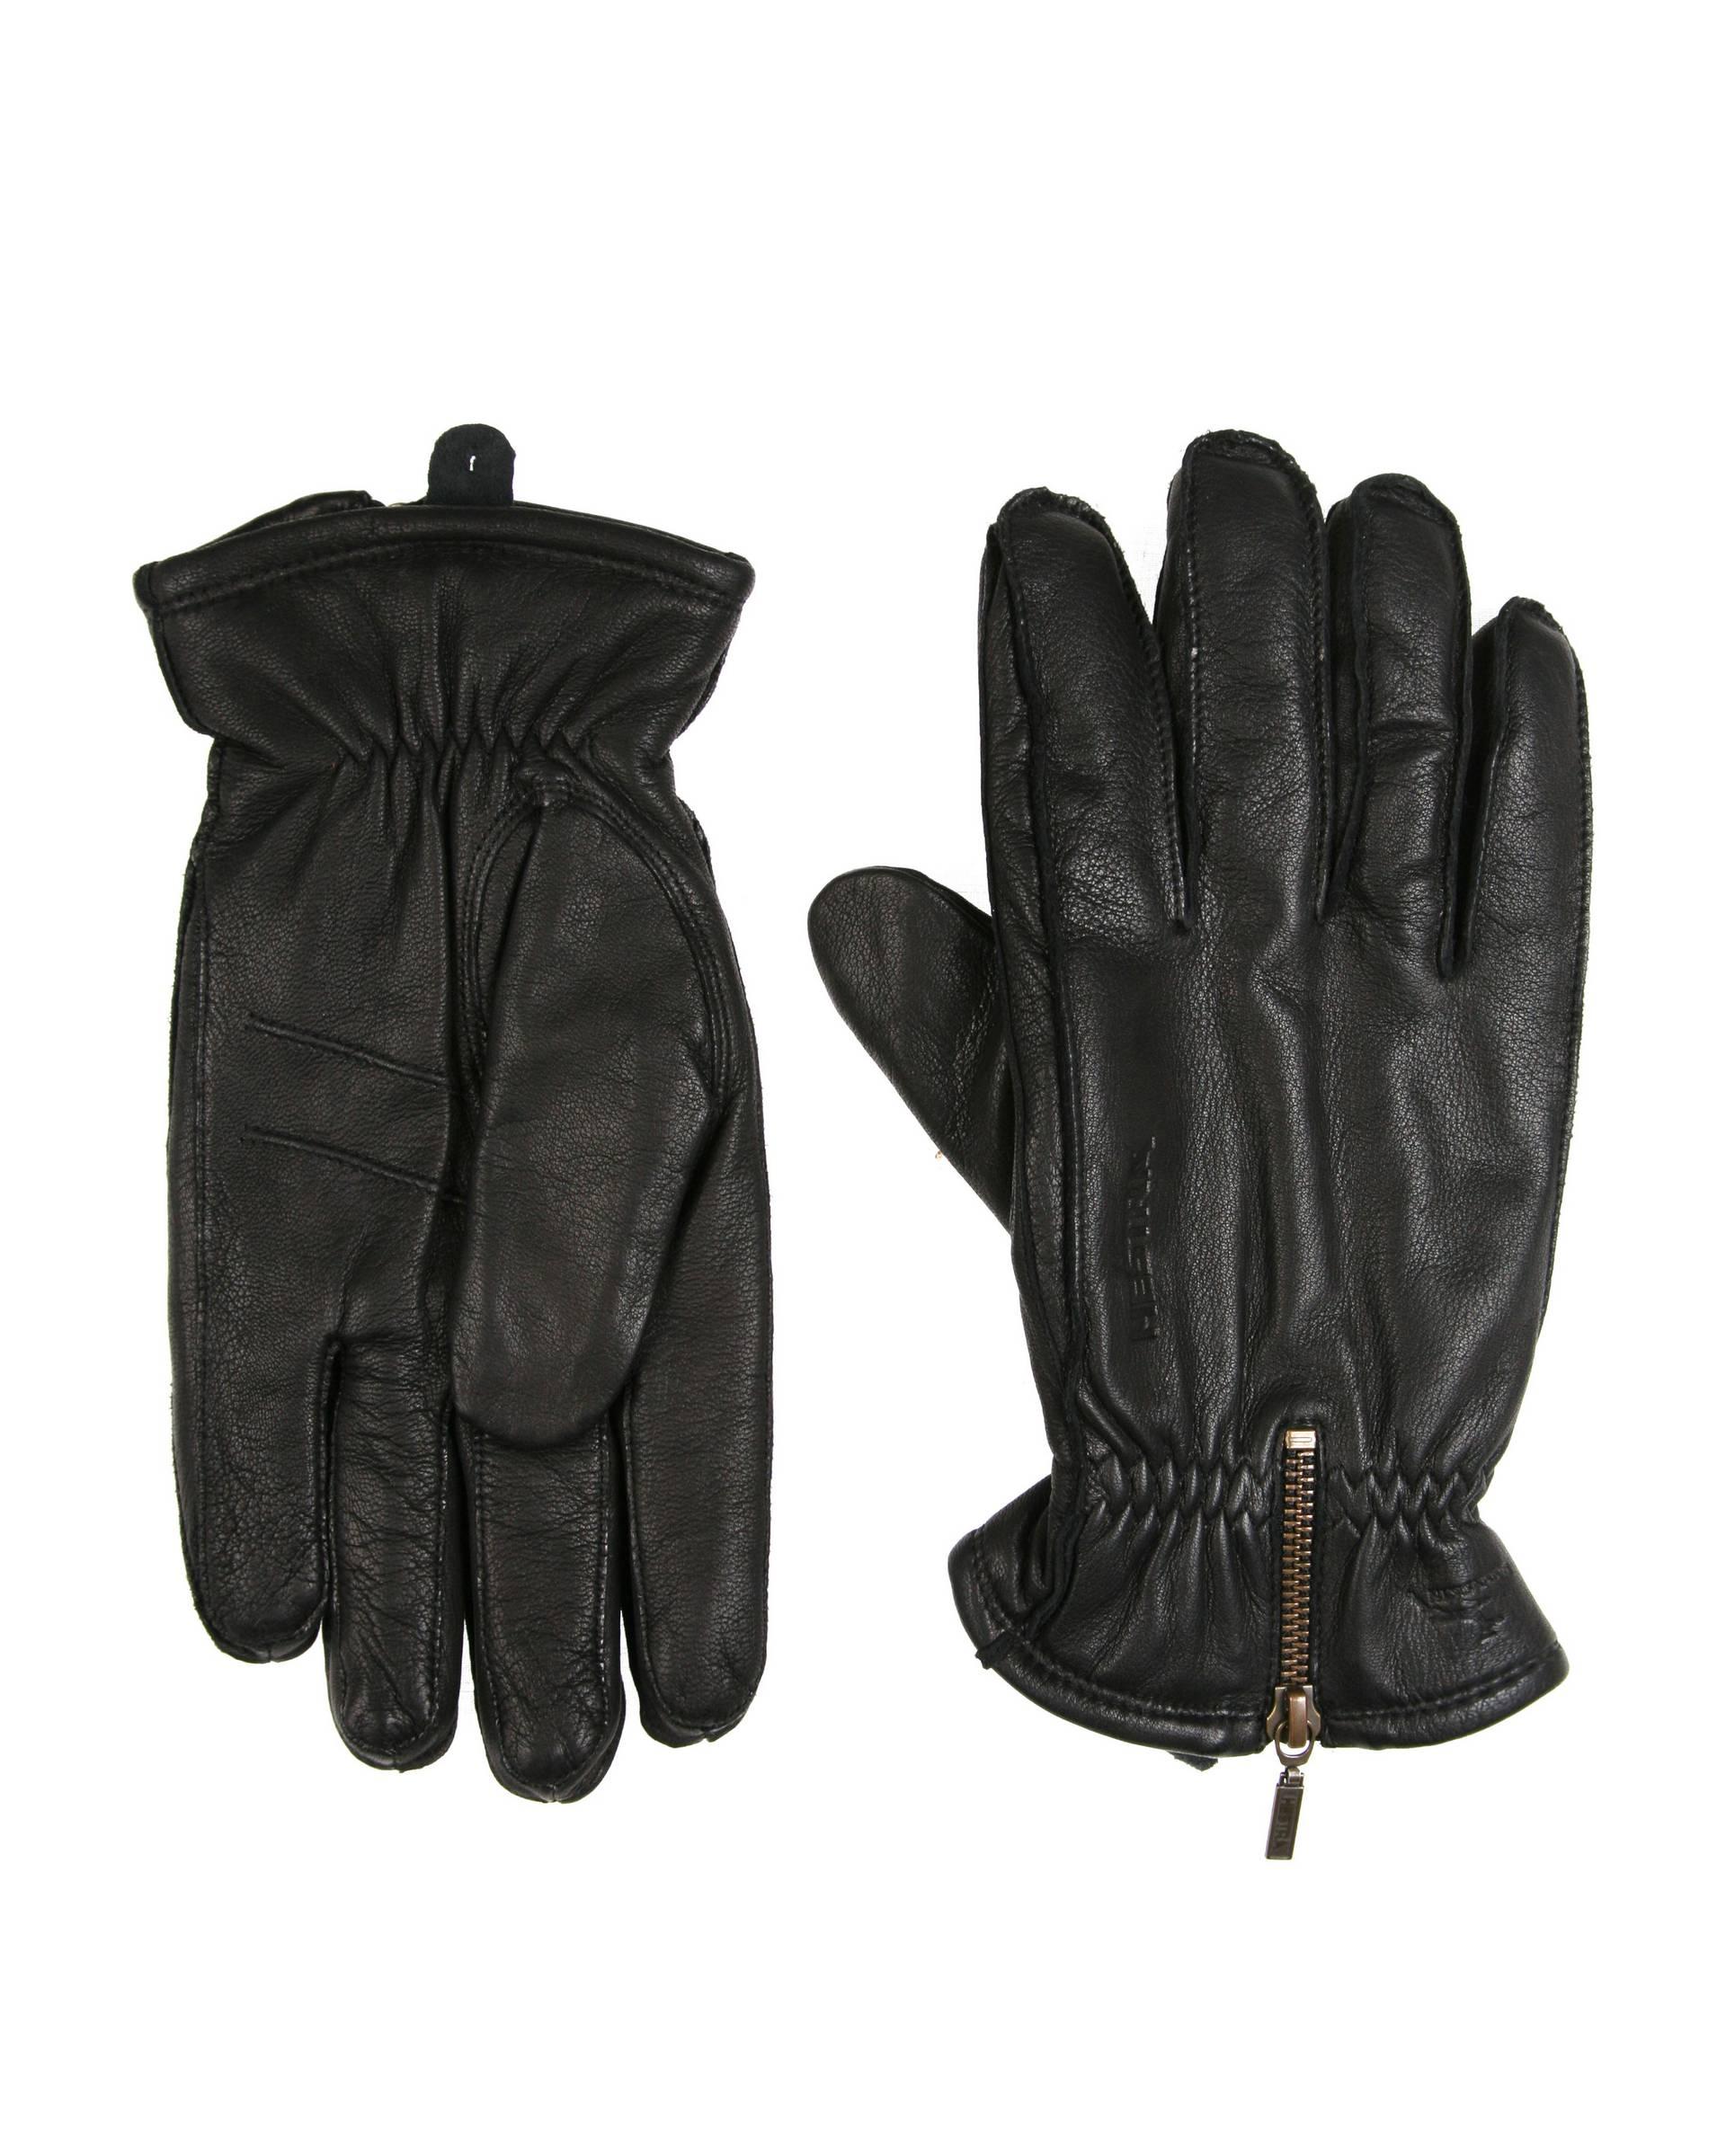 Перчатки Hestra 20490 Black Leather Gloves